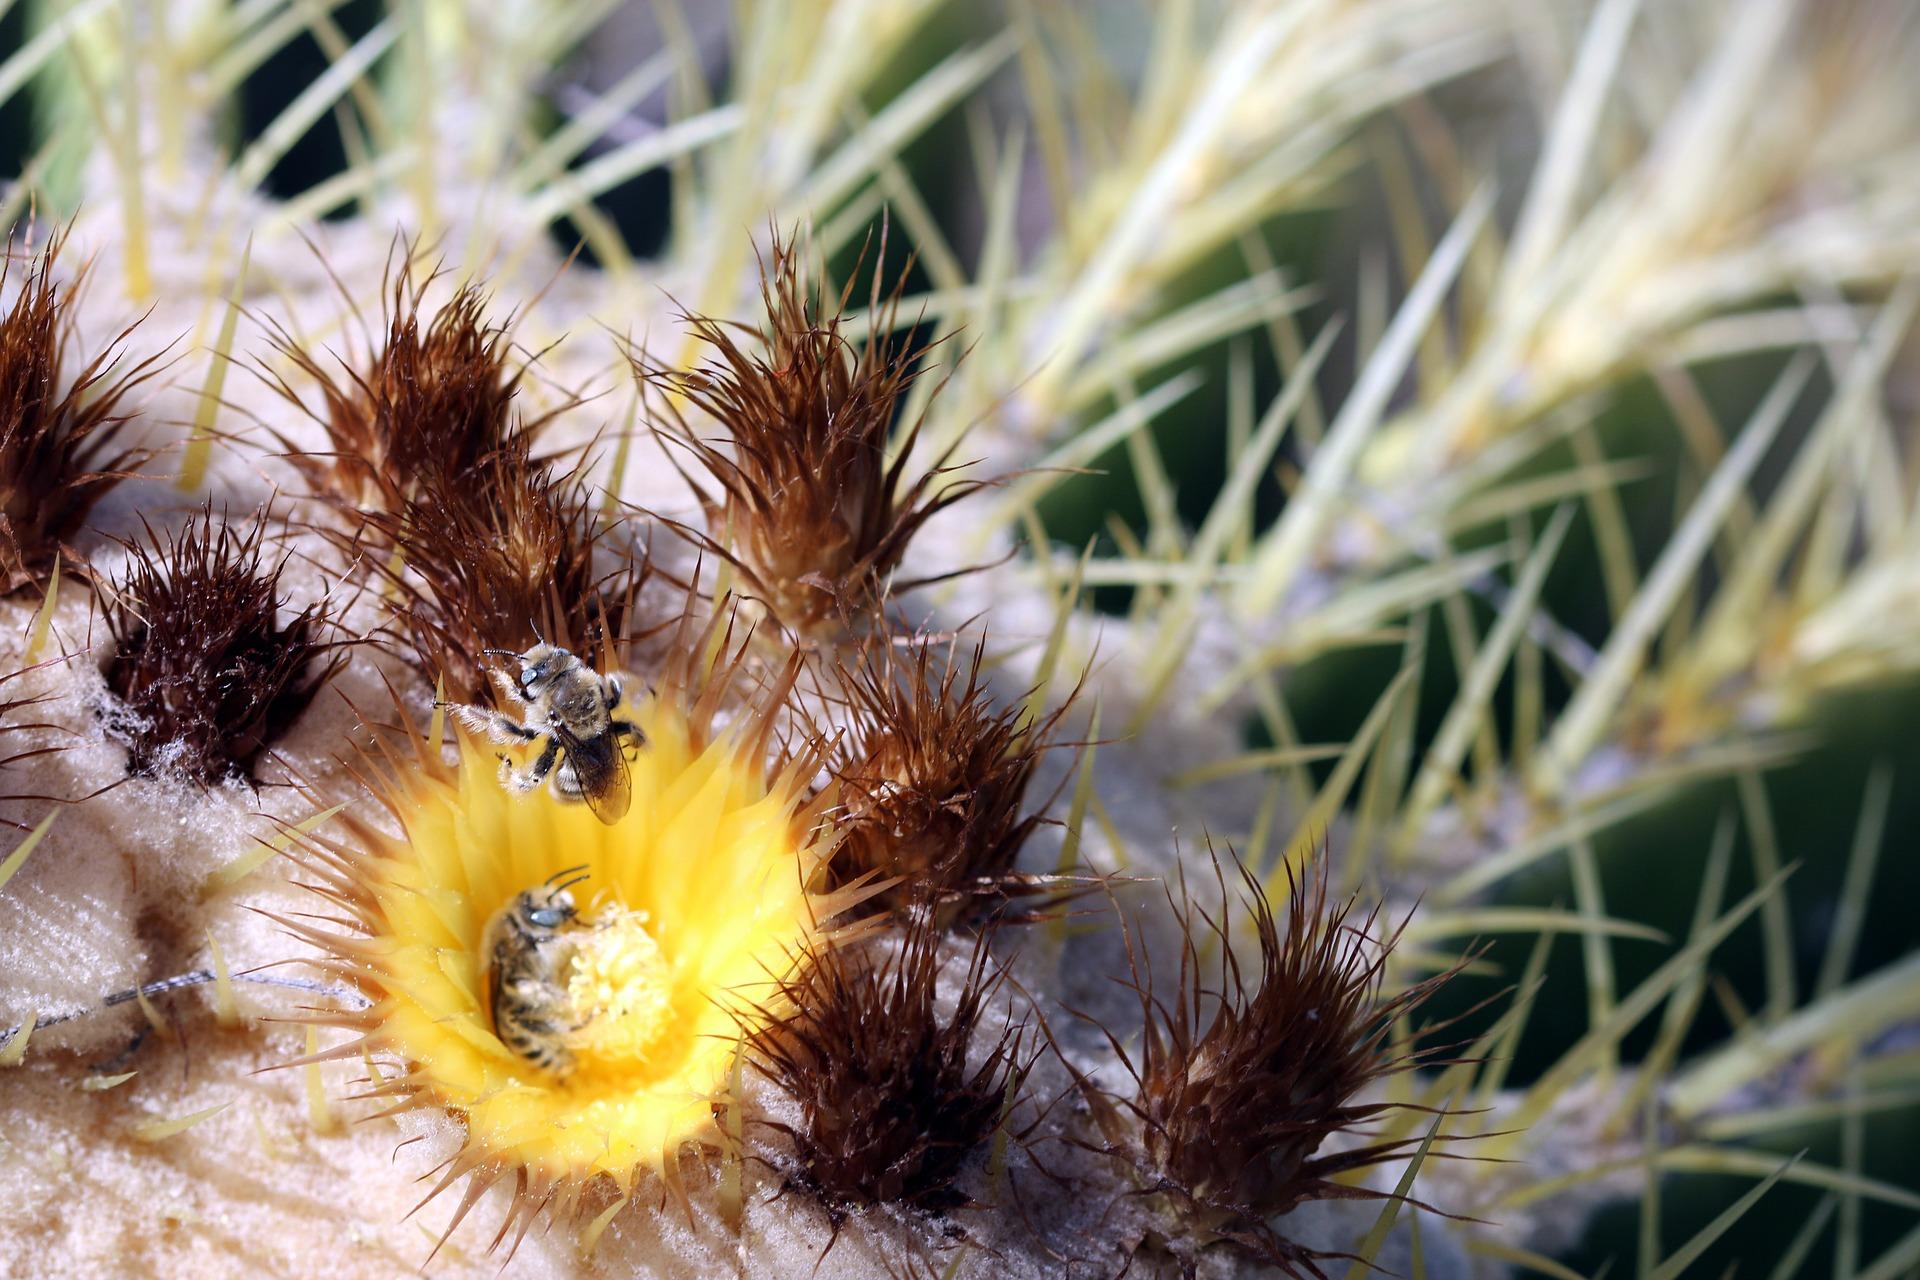 Bienen tummeln sich in einer Blüte des Goldkugelkaktus - Echinocactus grusonii